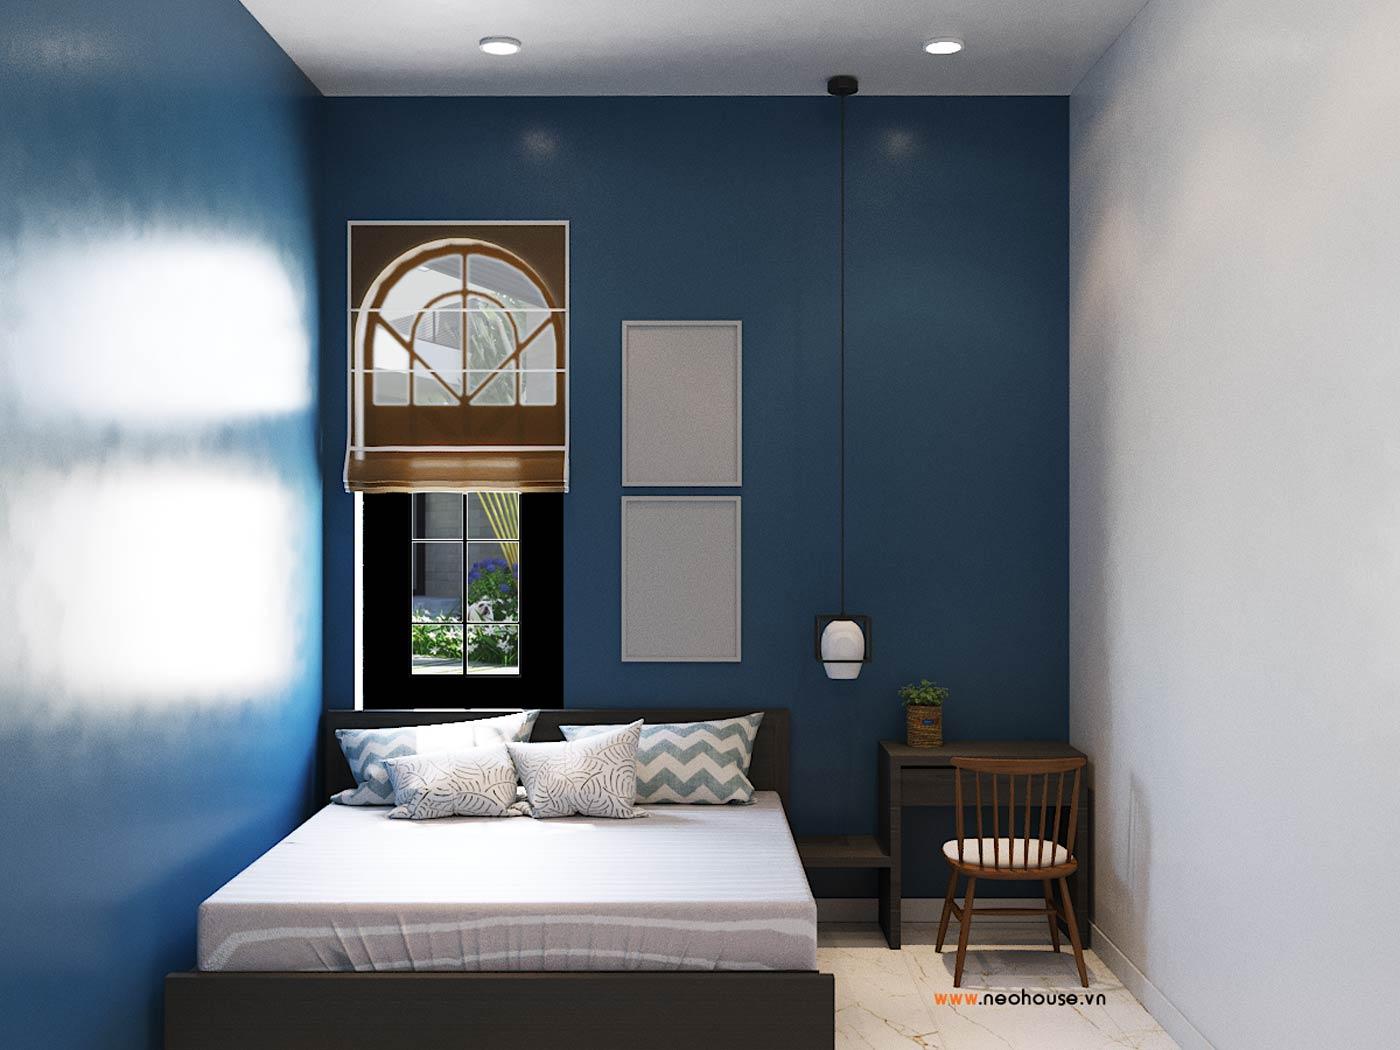 Thiết kế nội thất biệt thự vườn. Ảnh 11